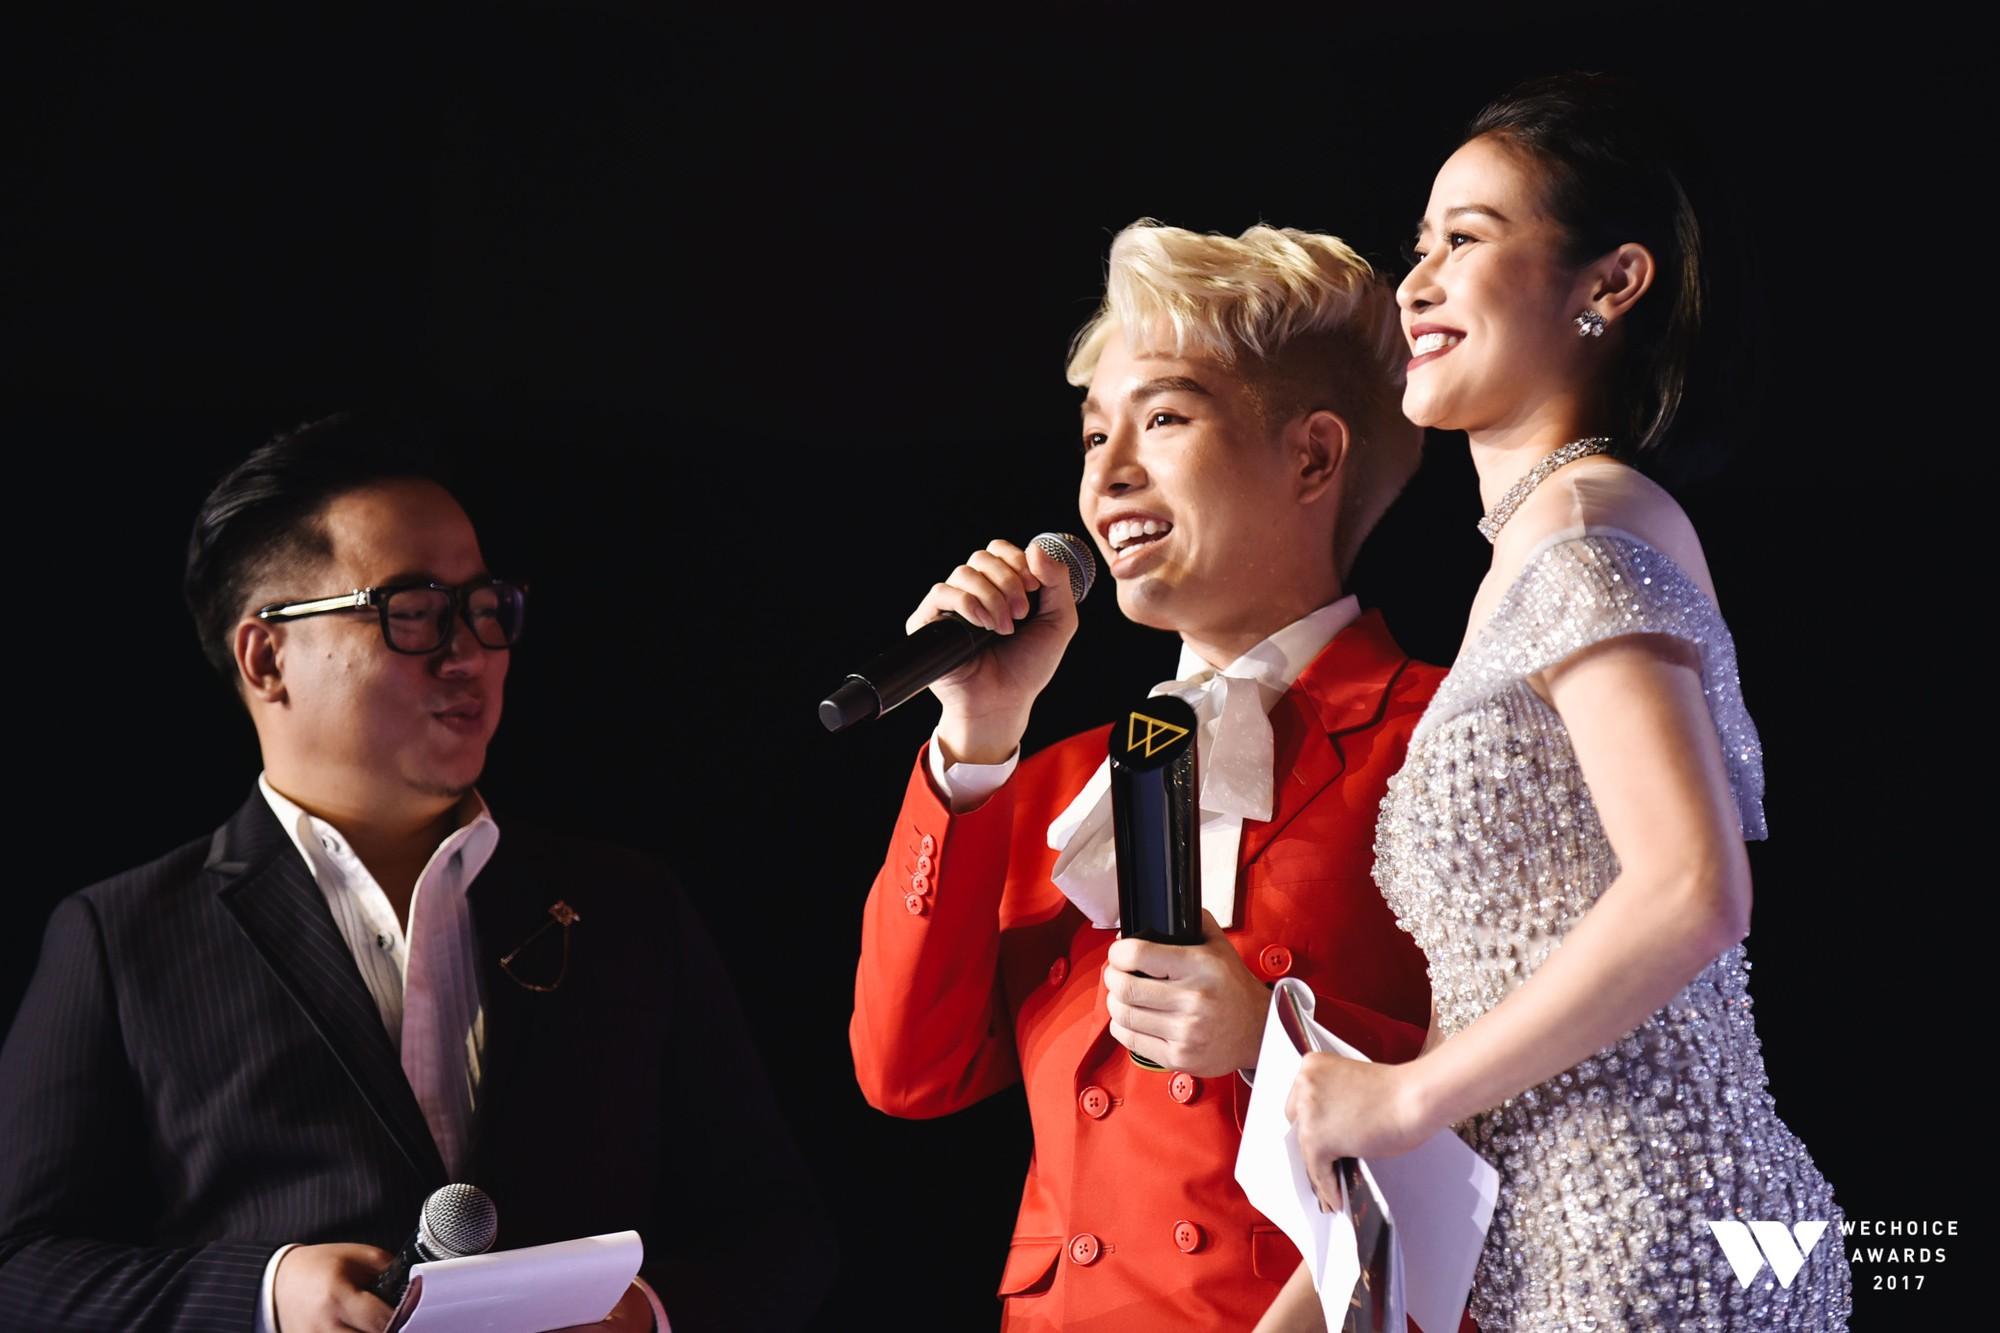 Gala WeChoice Awards 2017 và loạt khoảnh khắc chạm đến trái tim khi những niềm cảm hứng được tôn vinh! - Ảnh 21.